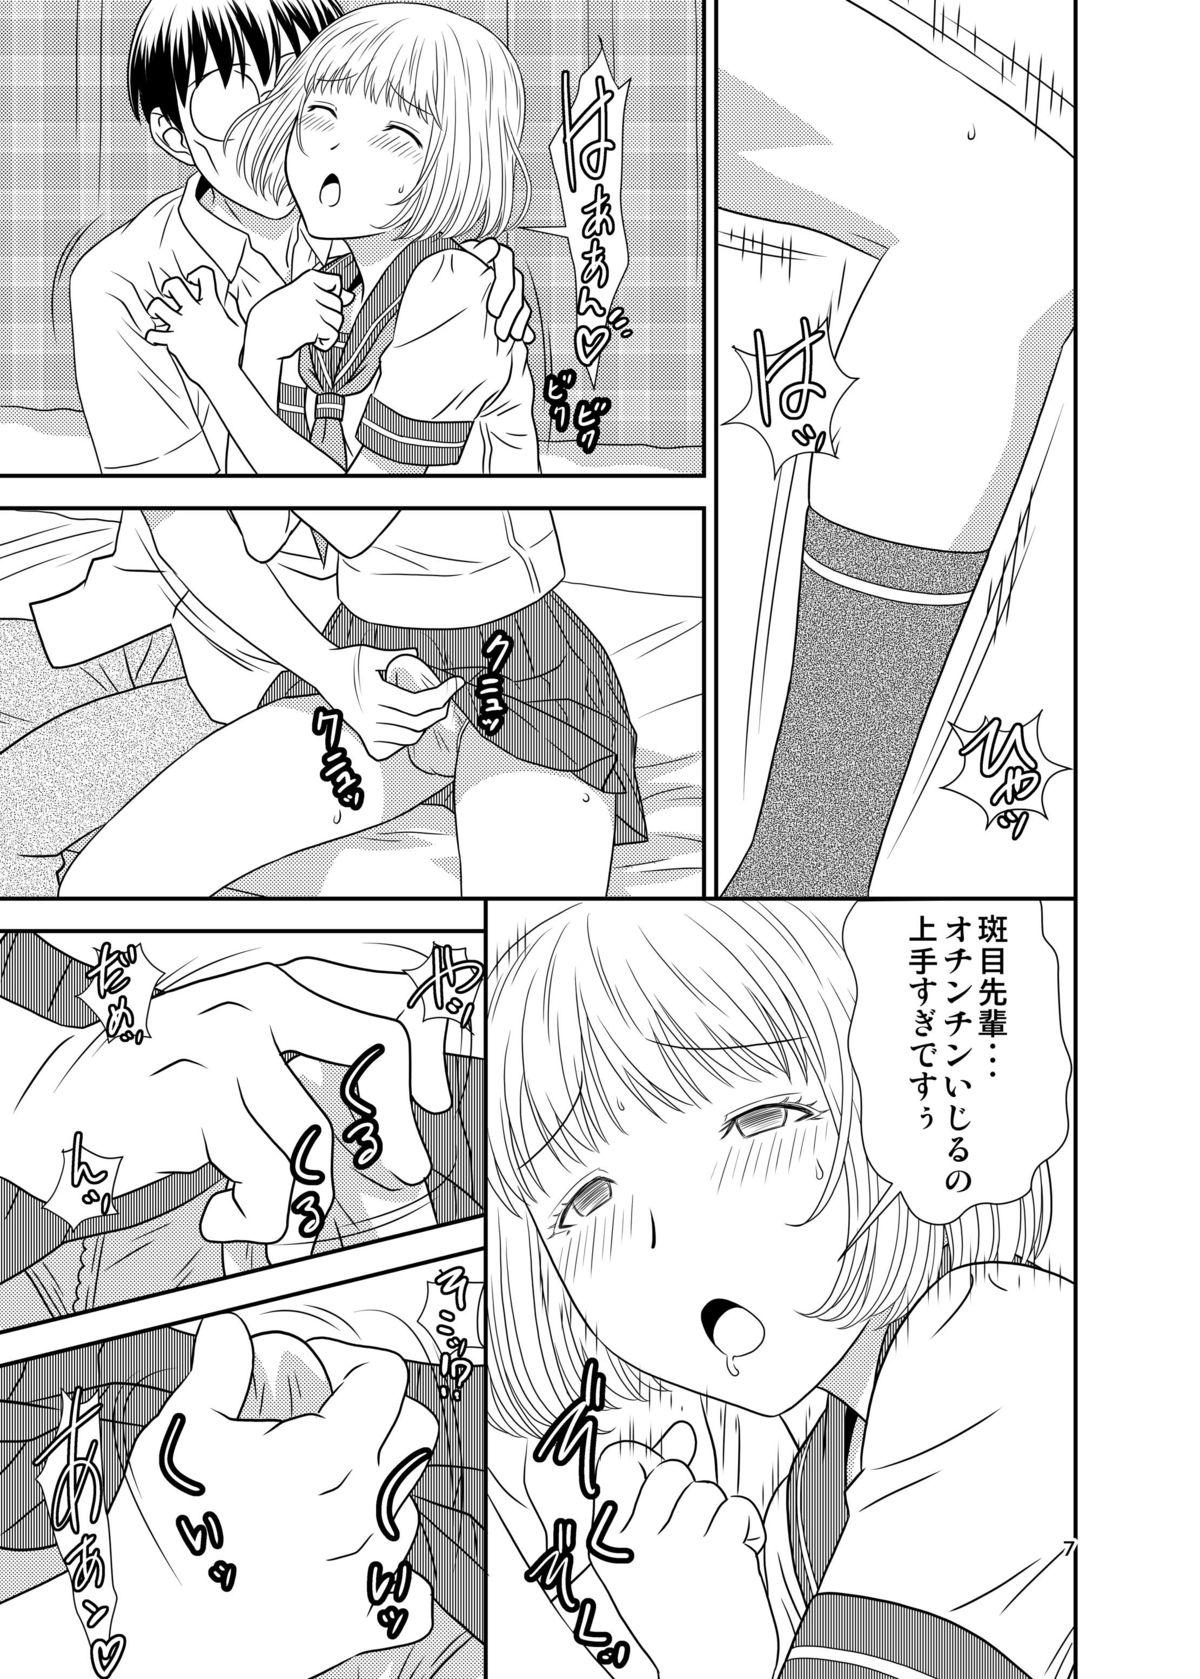 Genshiken no Hon 5